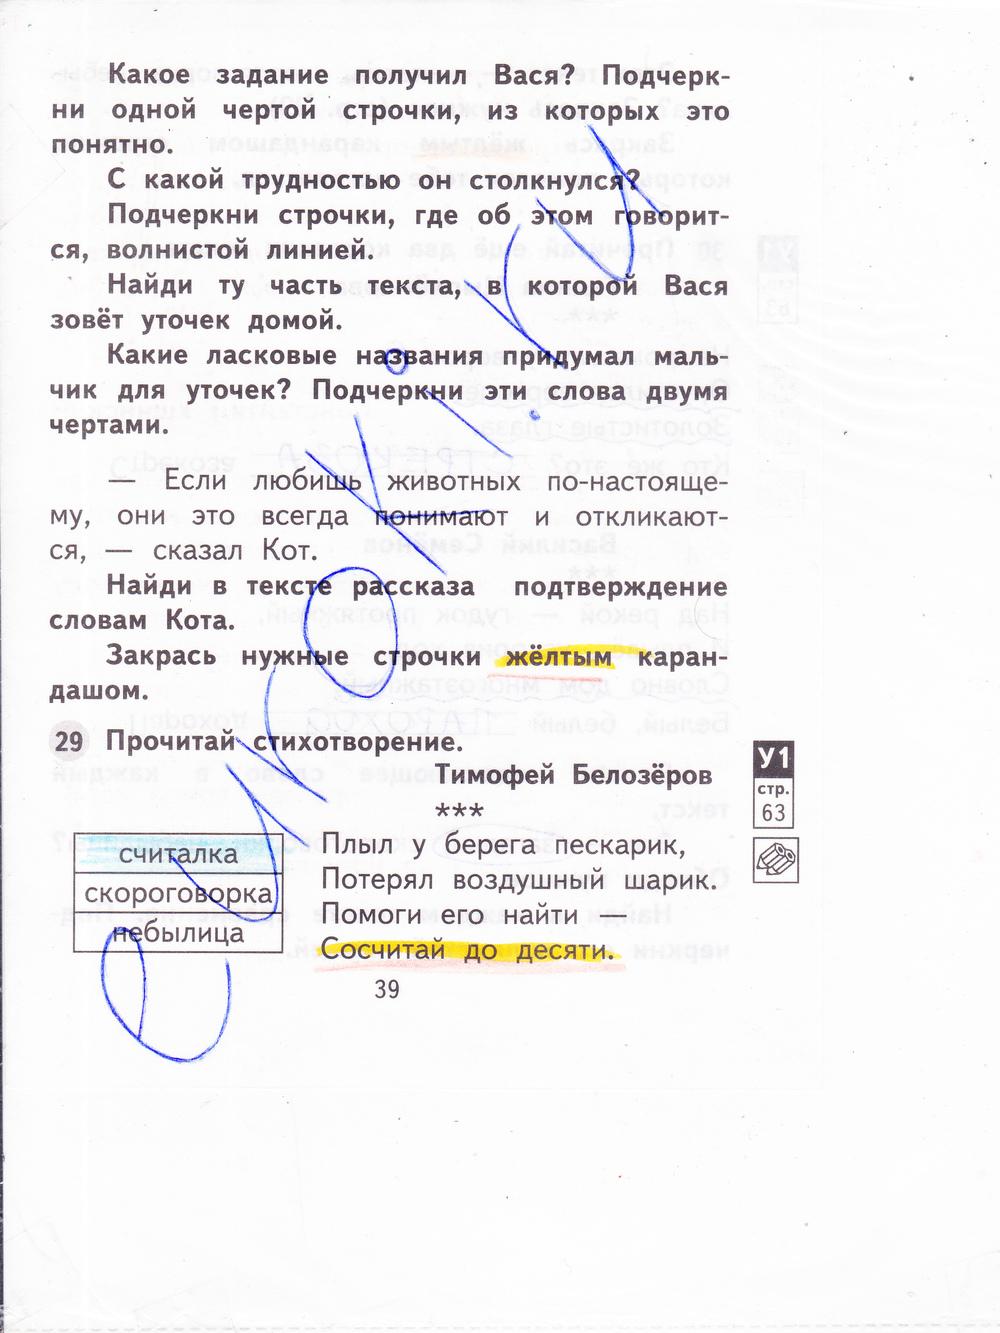 ГДЗ по литературному чтению 2 класс рабочая тетрадь Малаховская Часть 1, 2. Задание: стр. 39